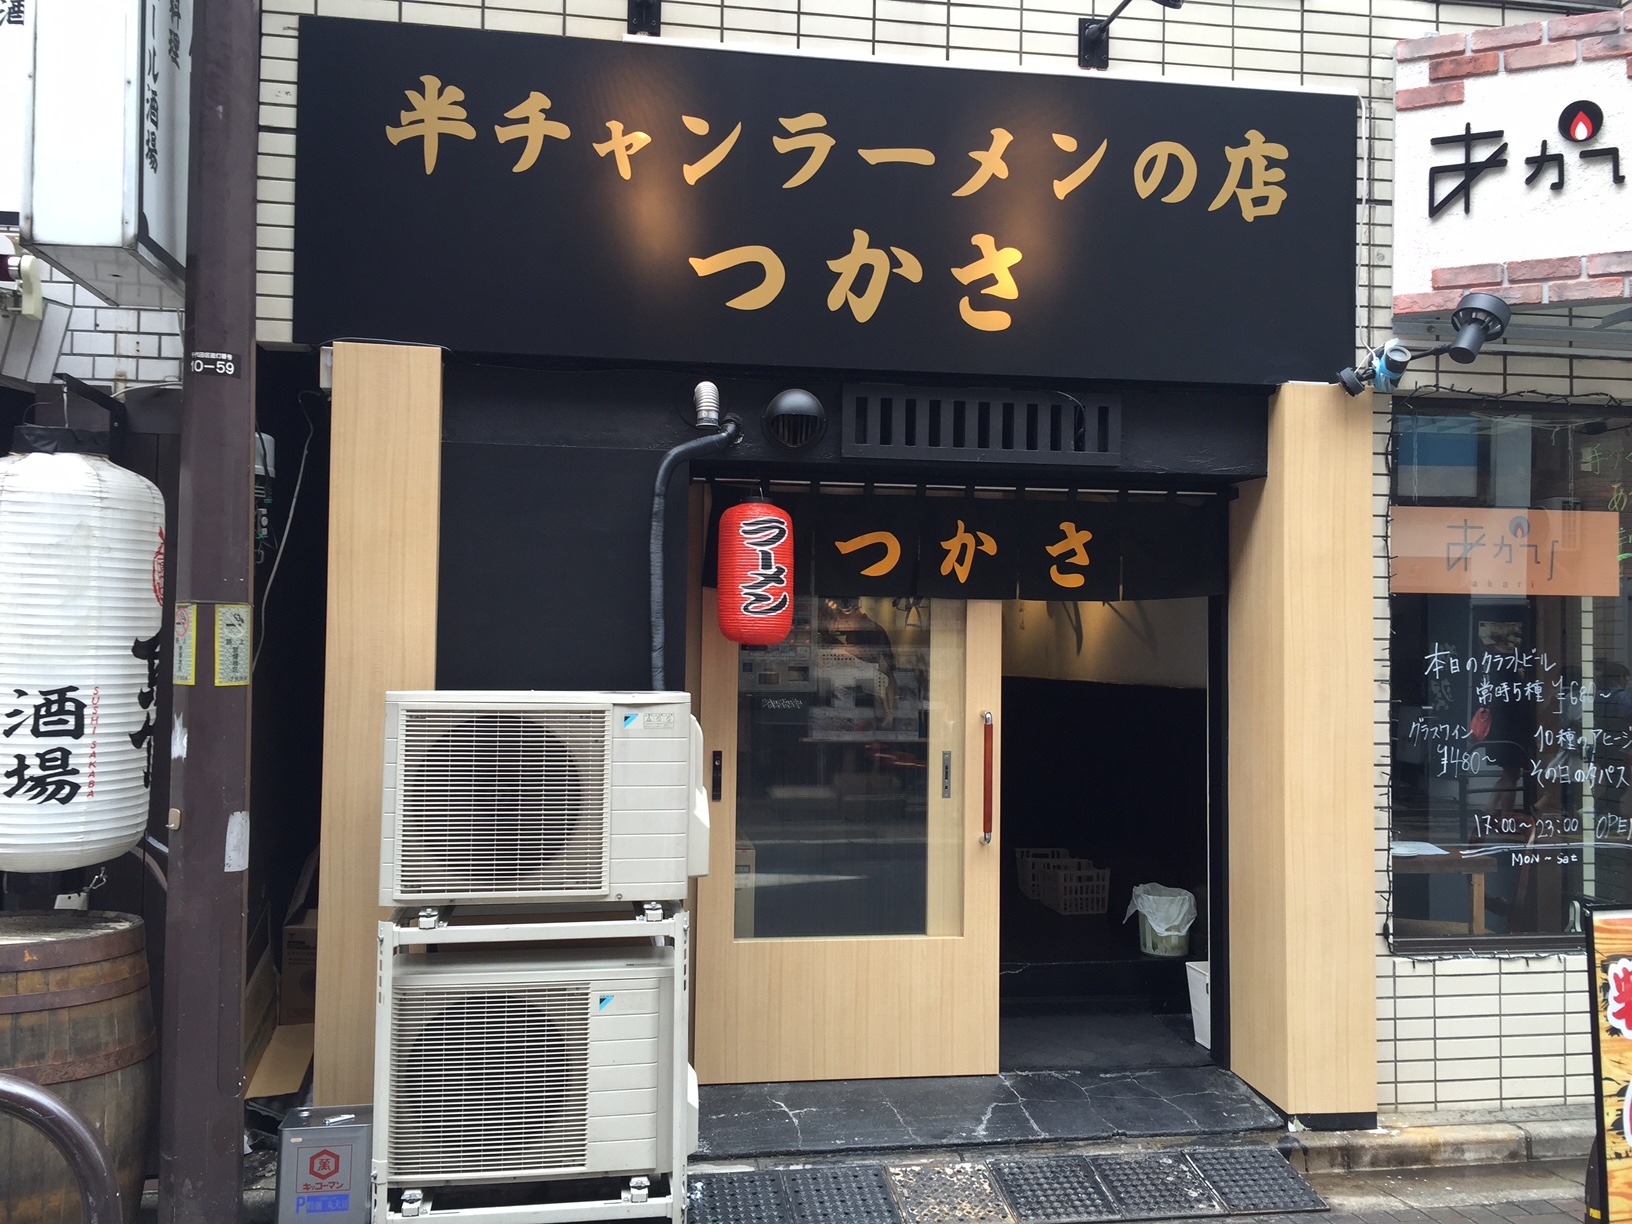 半チャンラーメン専門店「半チャンラーメンの店つかさ」が飯田橋にオープン